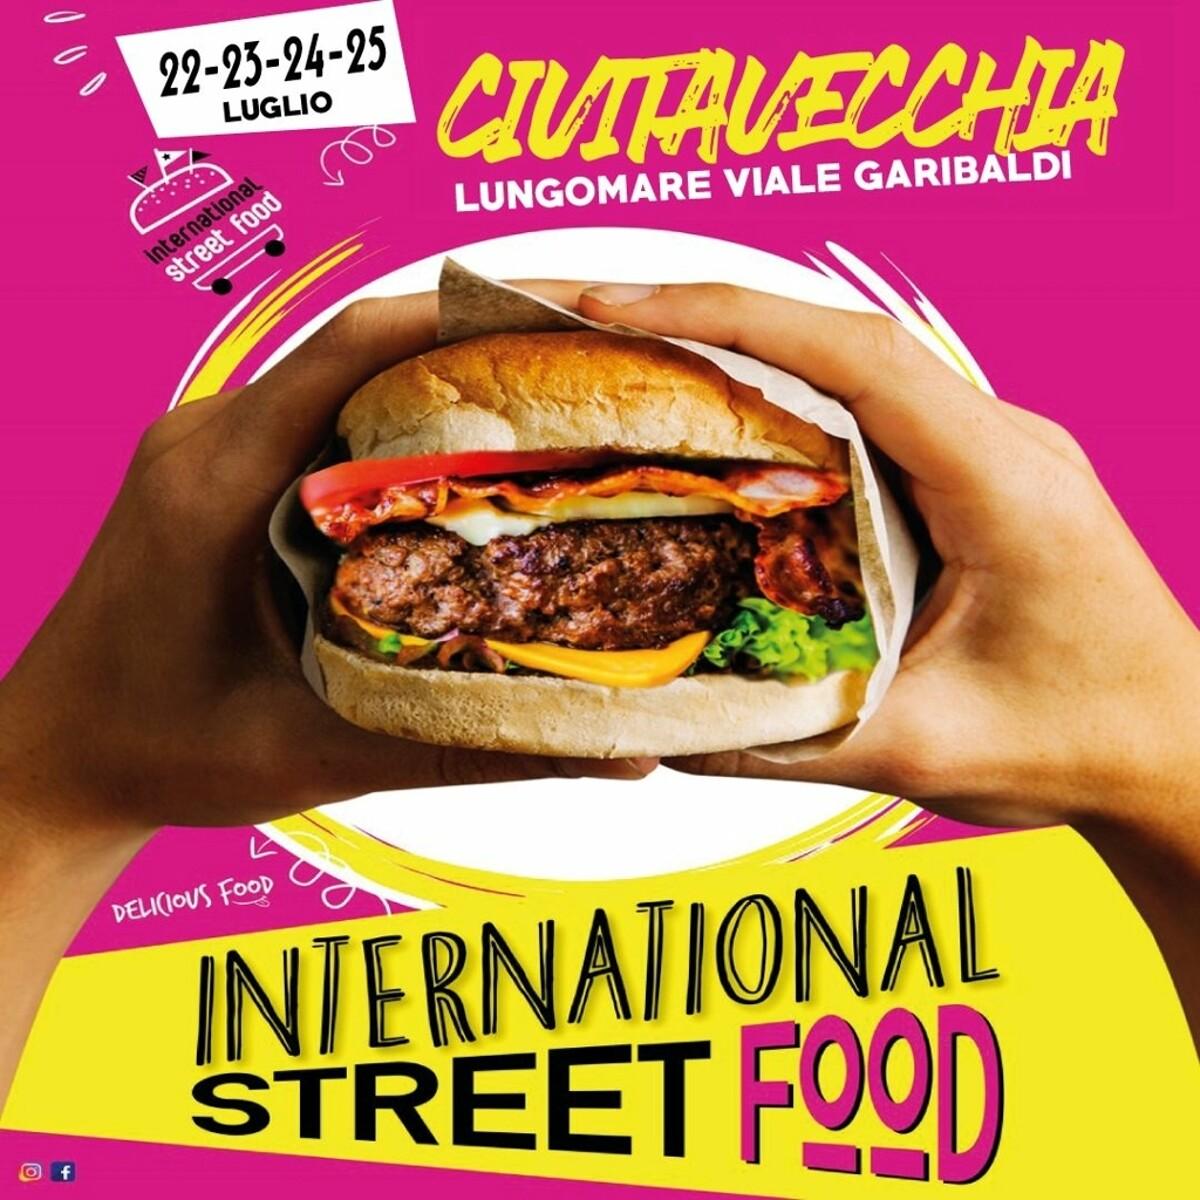 International street food al lungomare di Civitavecchia